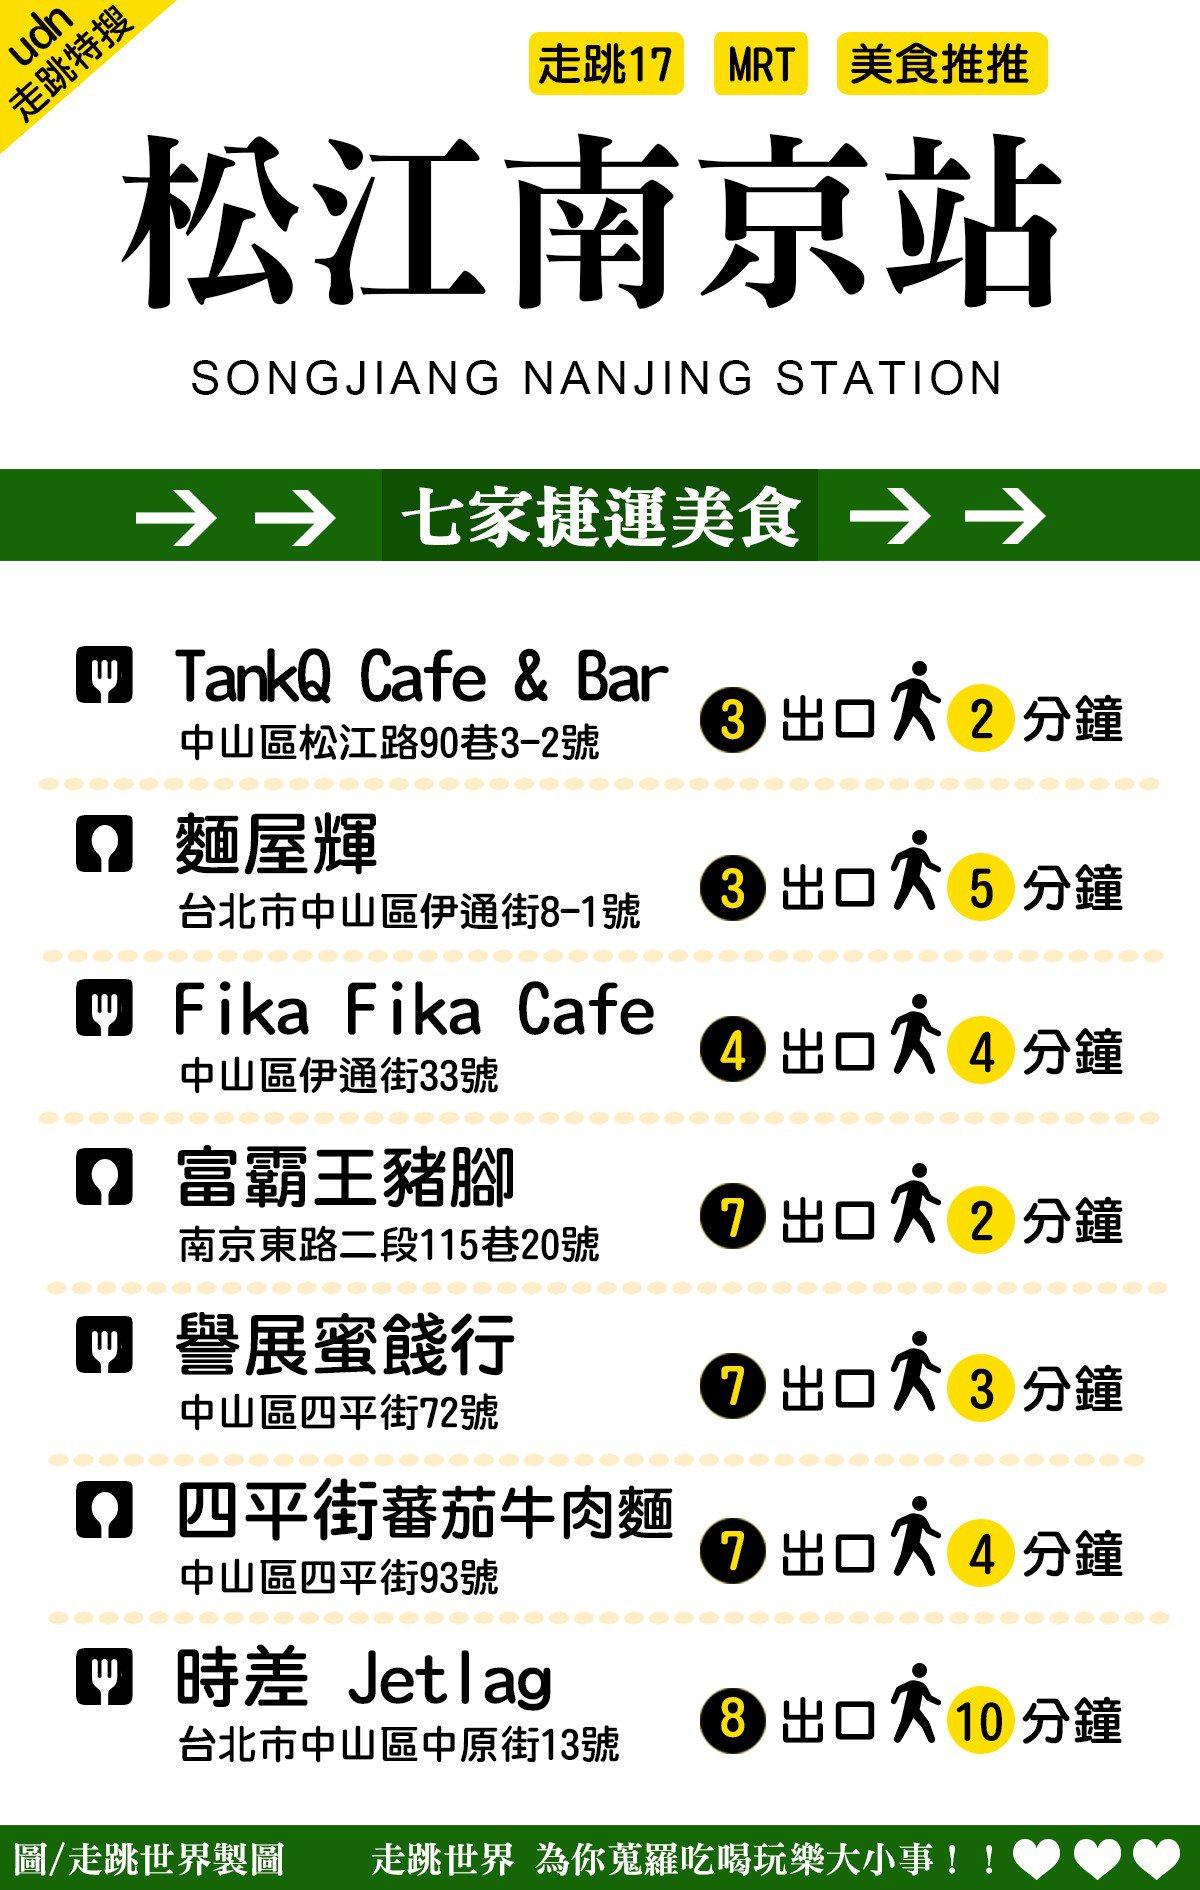 松江南京站週邊7間人氣美食。